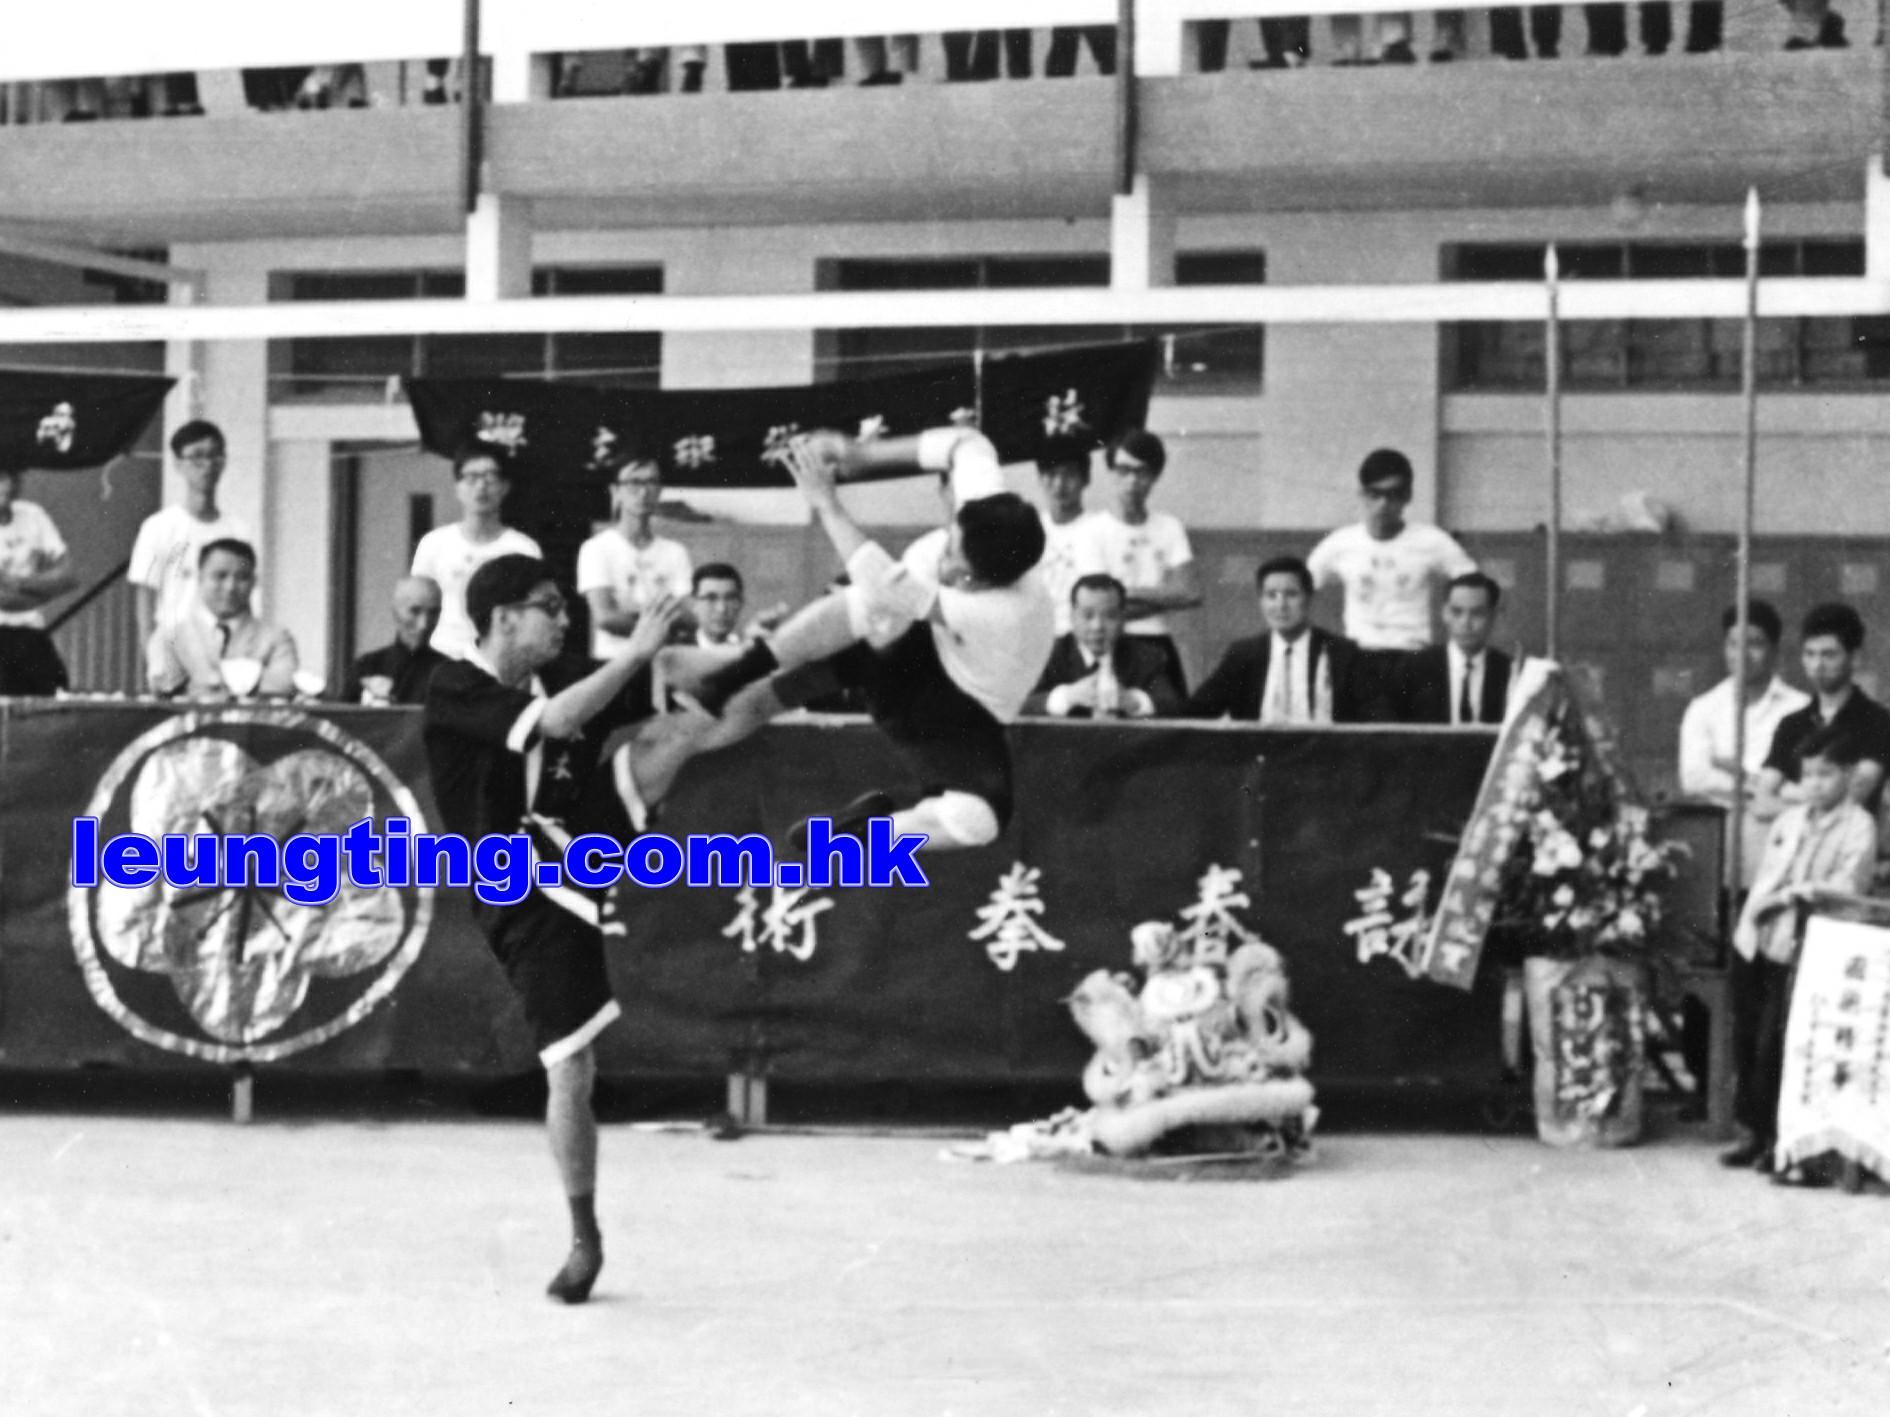 1969年梁挺師傅浸會大學表演時攝. 葉問宗師為列席貴賓